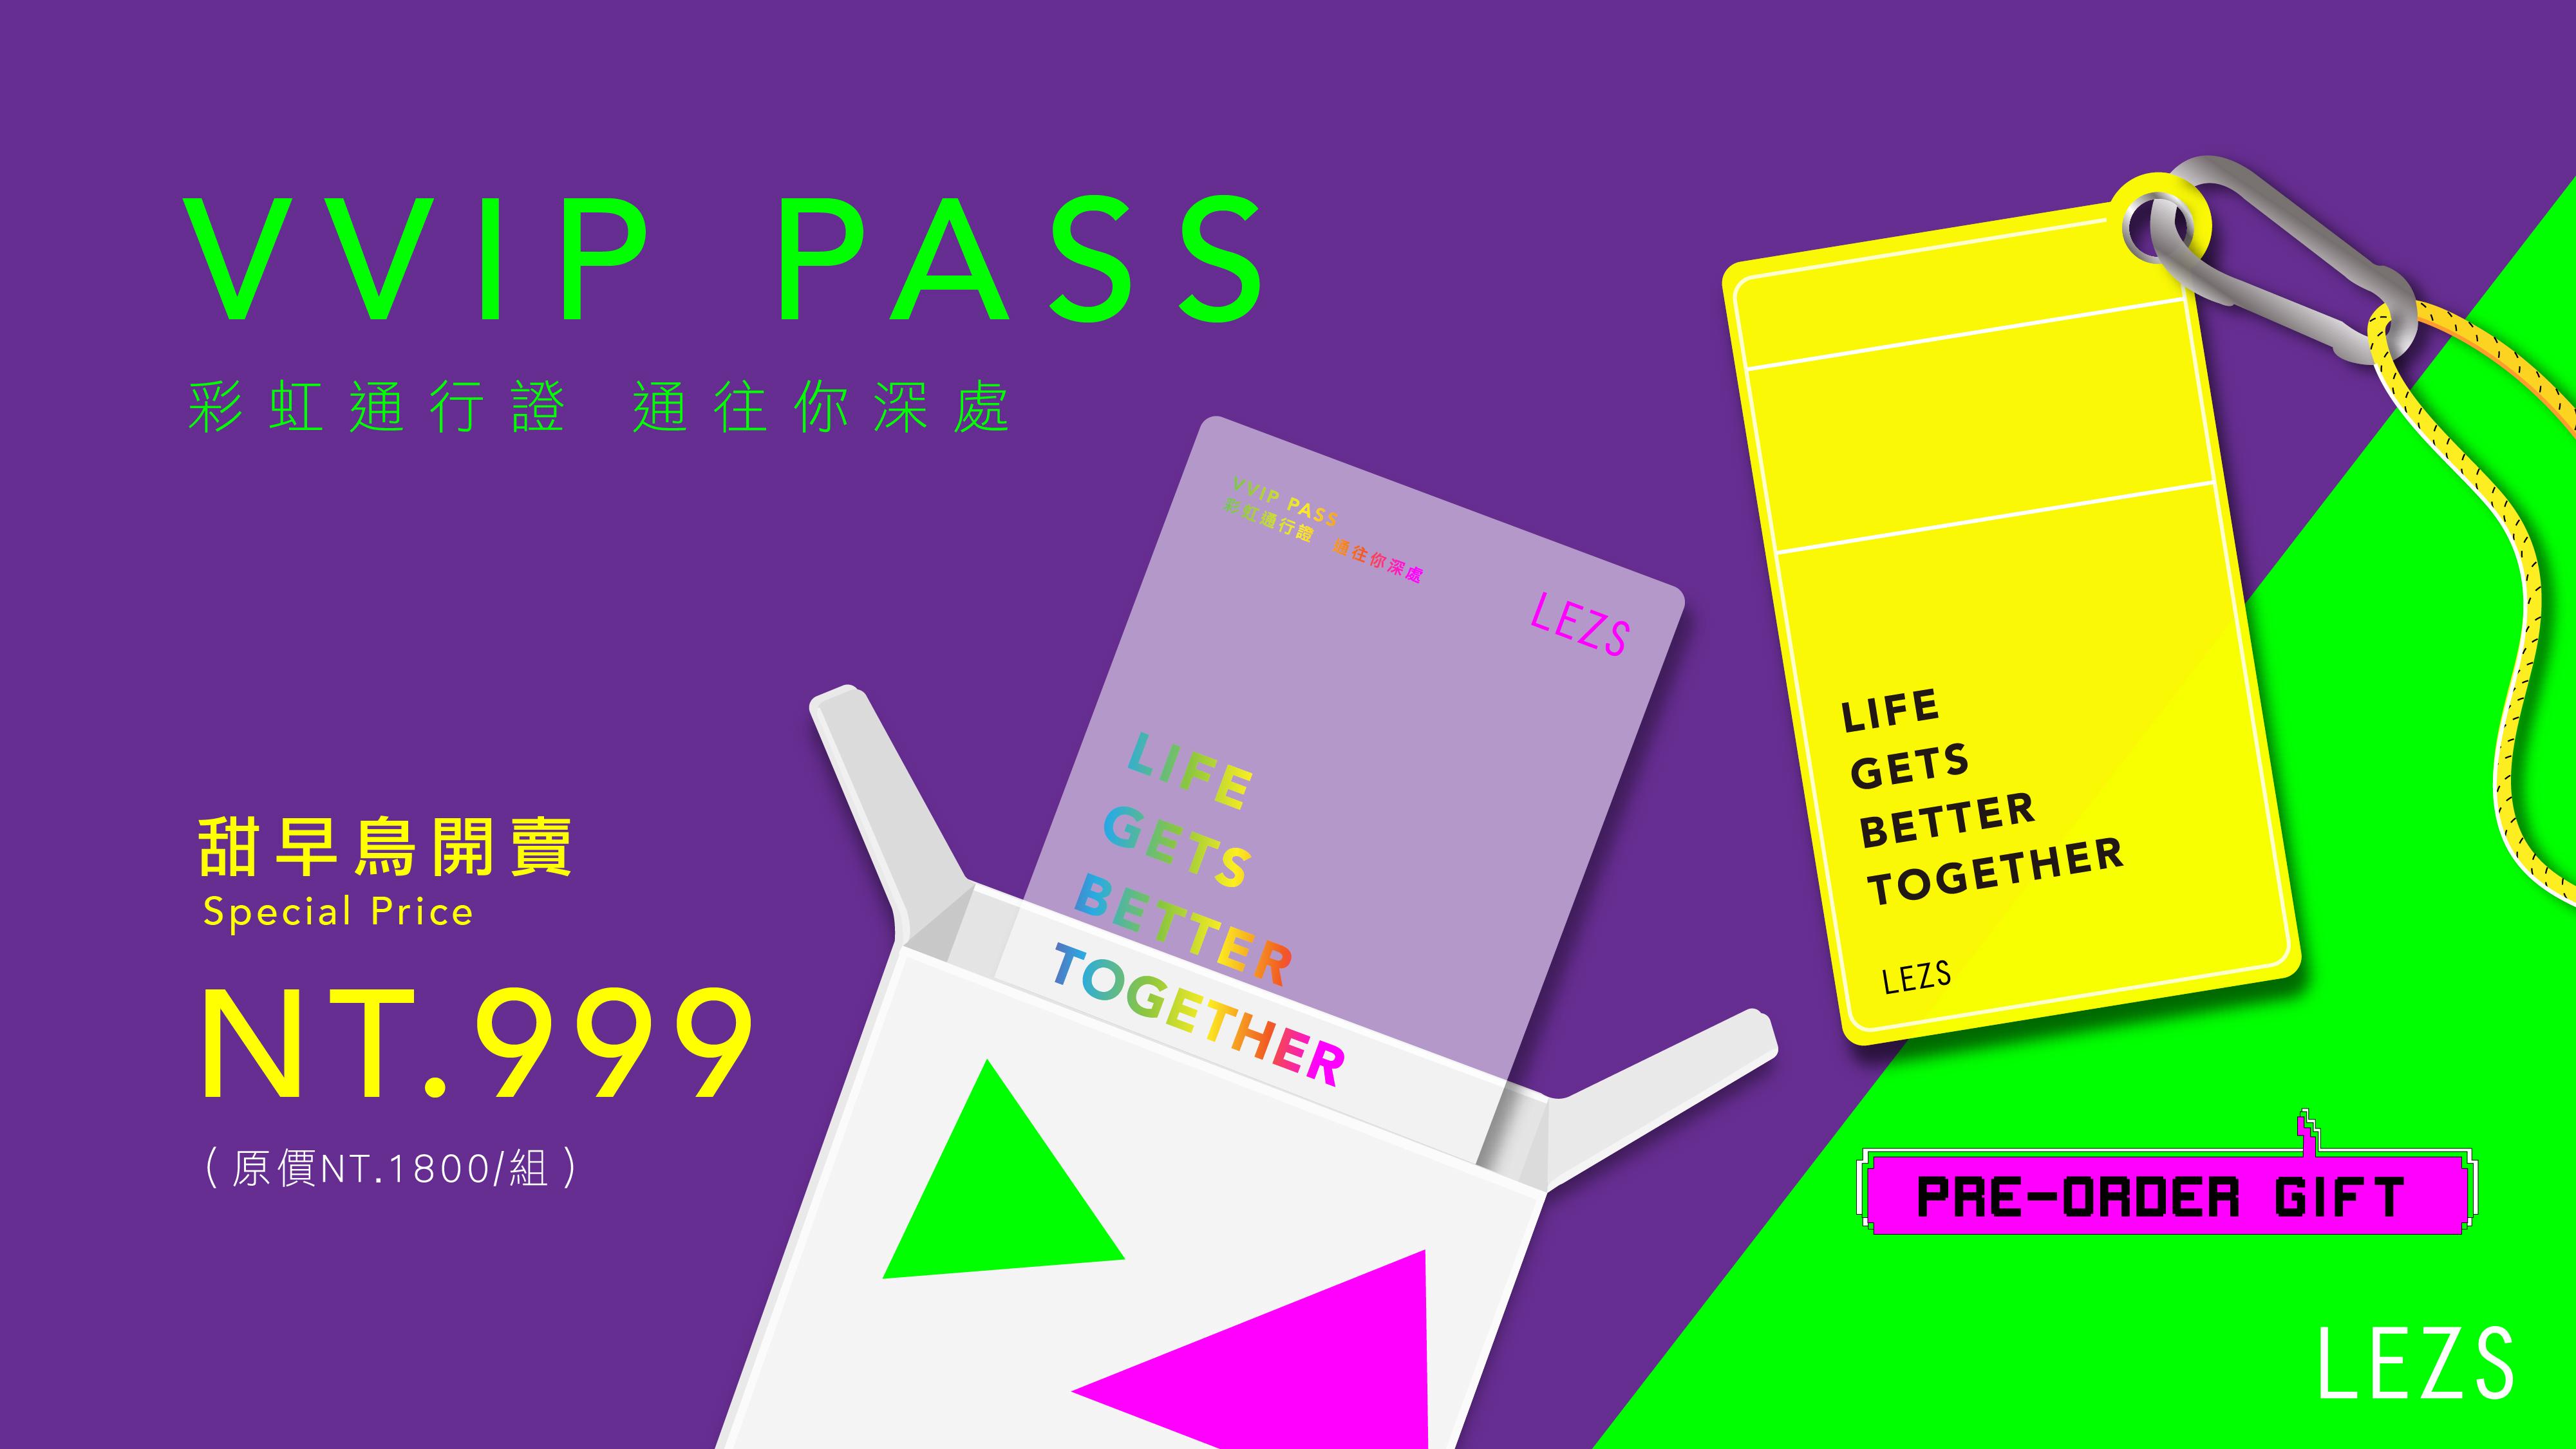 全台唯一彩虹通行證,「LEZS 女人國 VVIP PASS」帶你吃喝玩樂全方位通關!